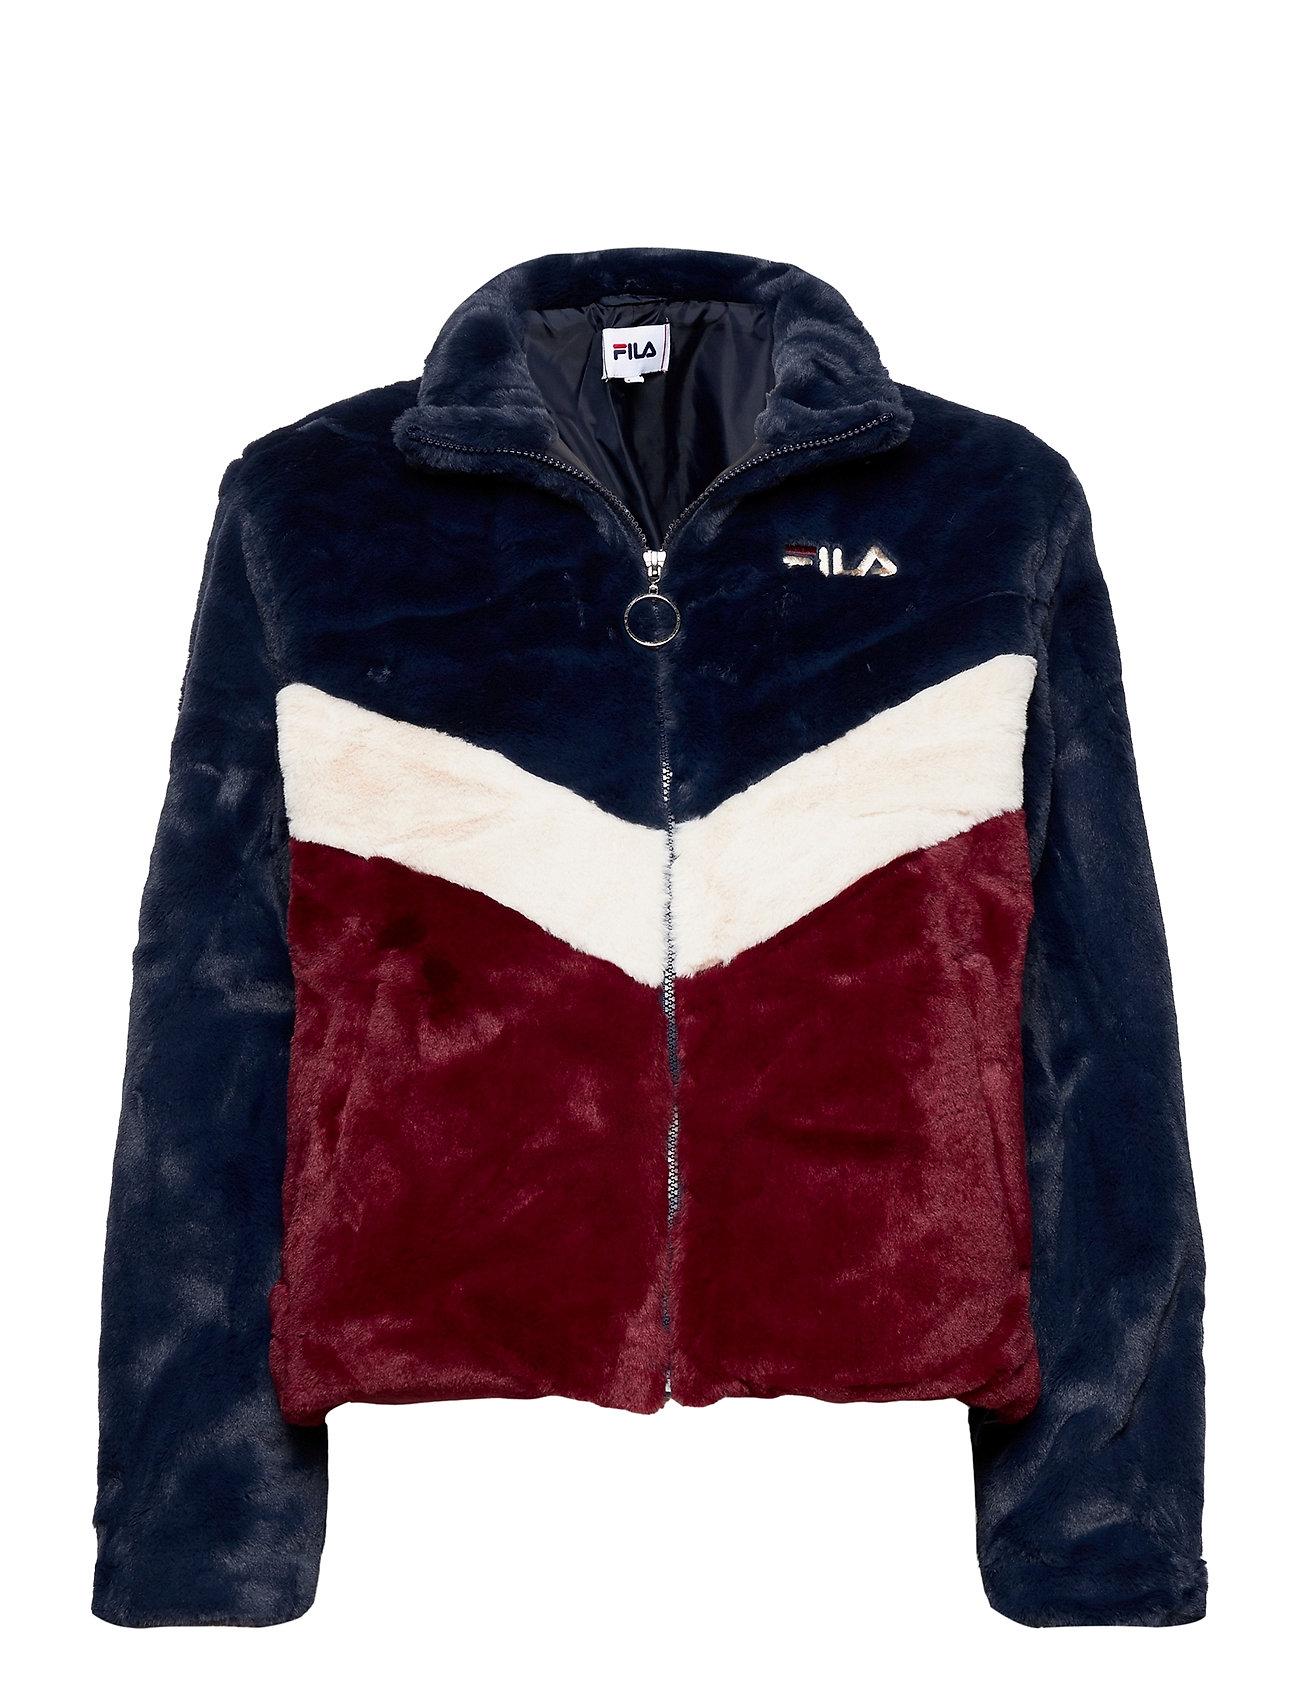 Image of Women Charmaine Jacket Sweatshirt Trøje Multi/mønstret FILA (3448366345)